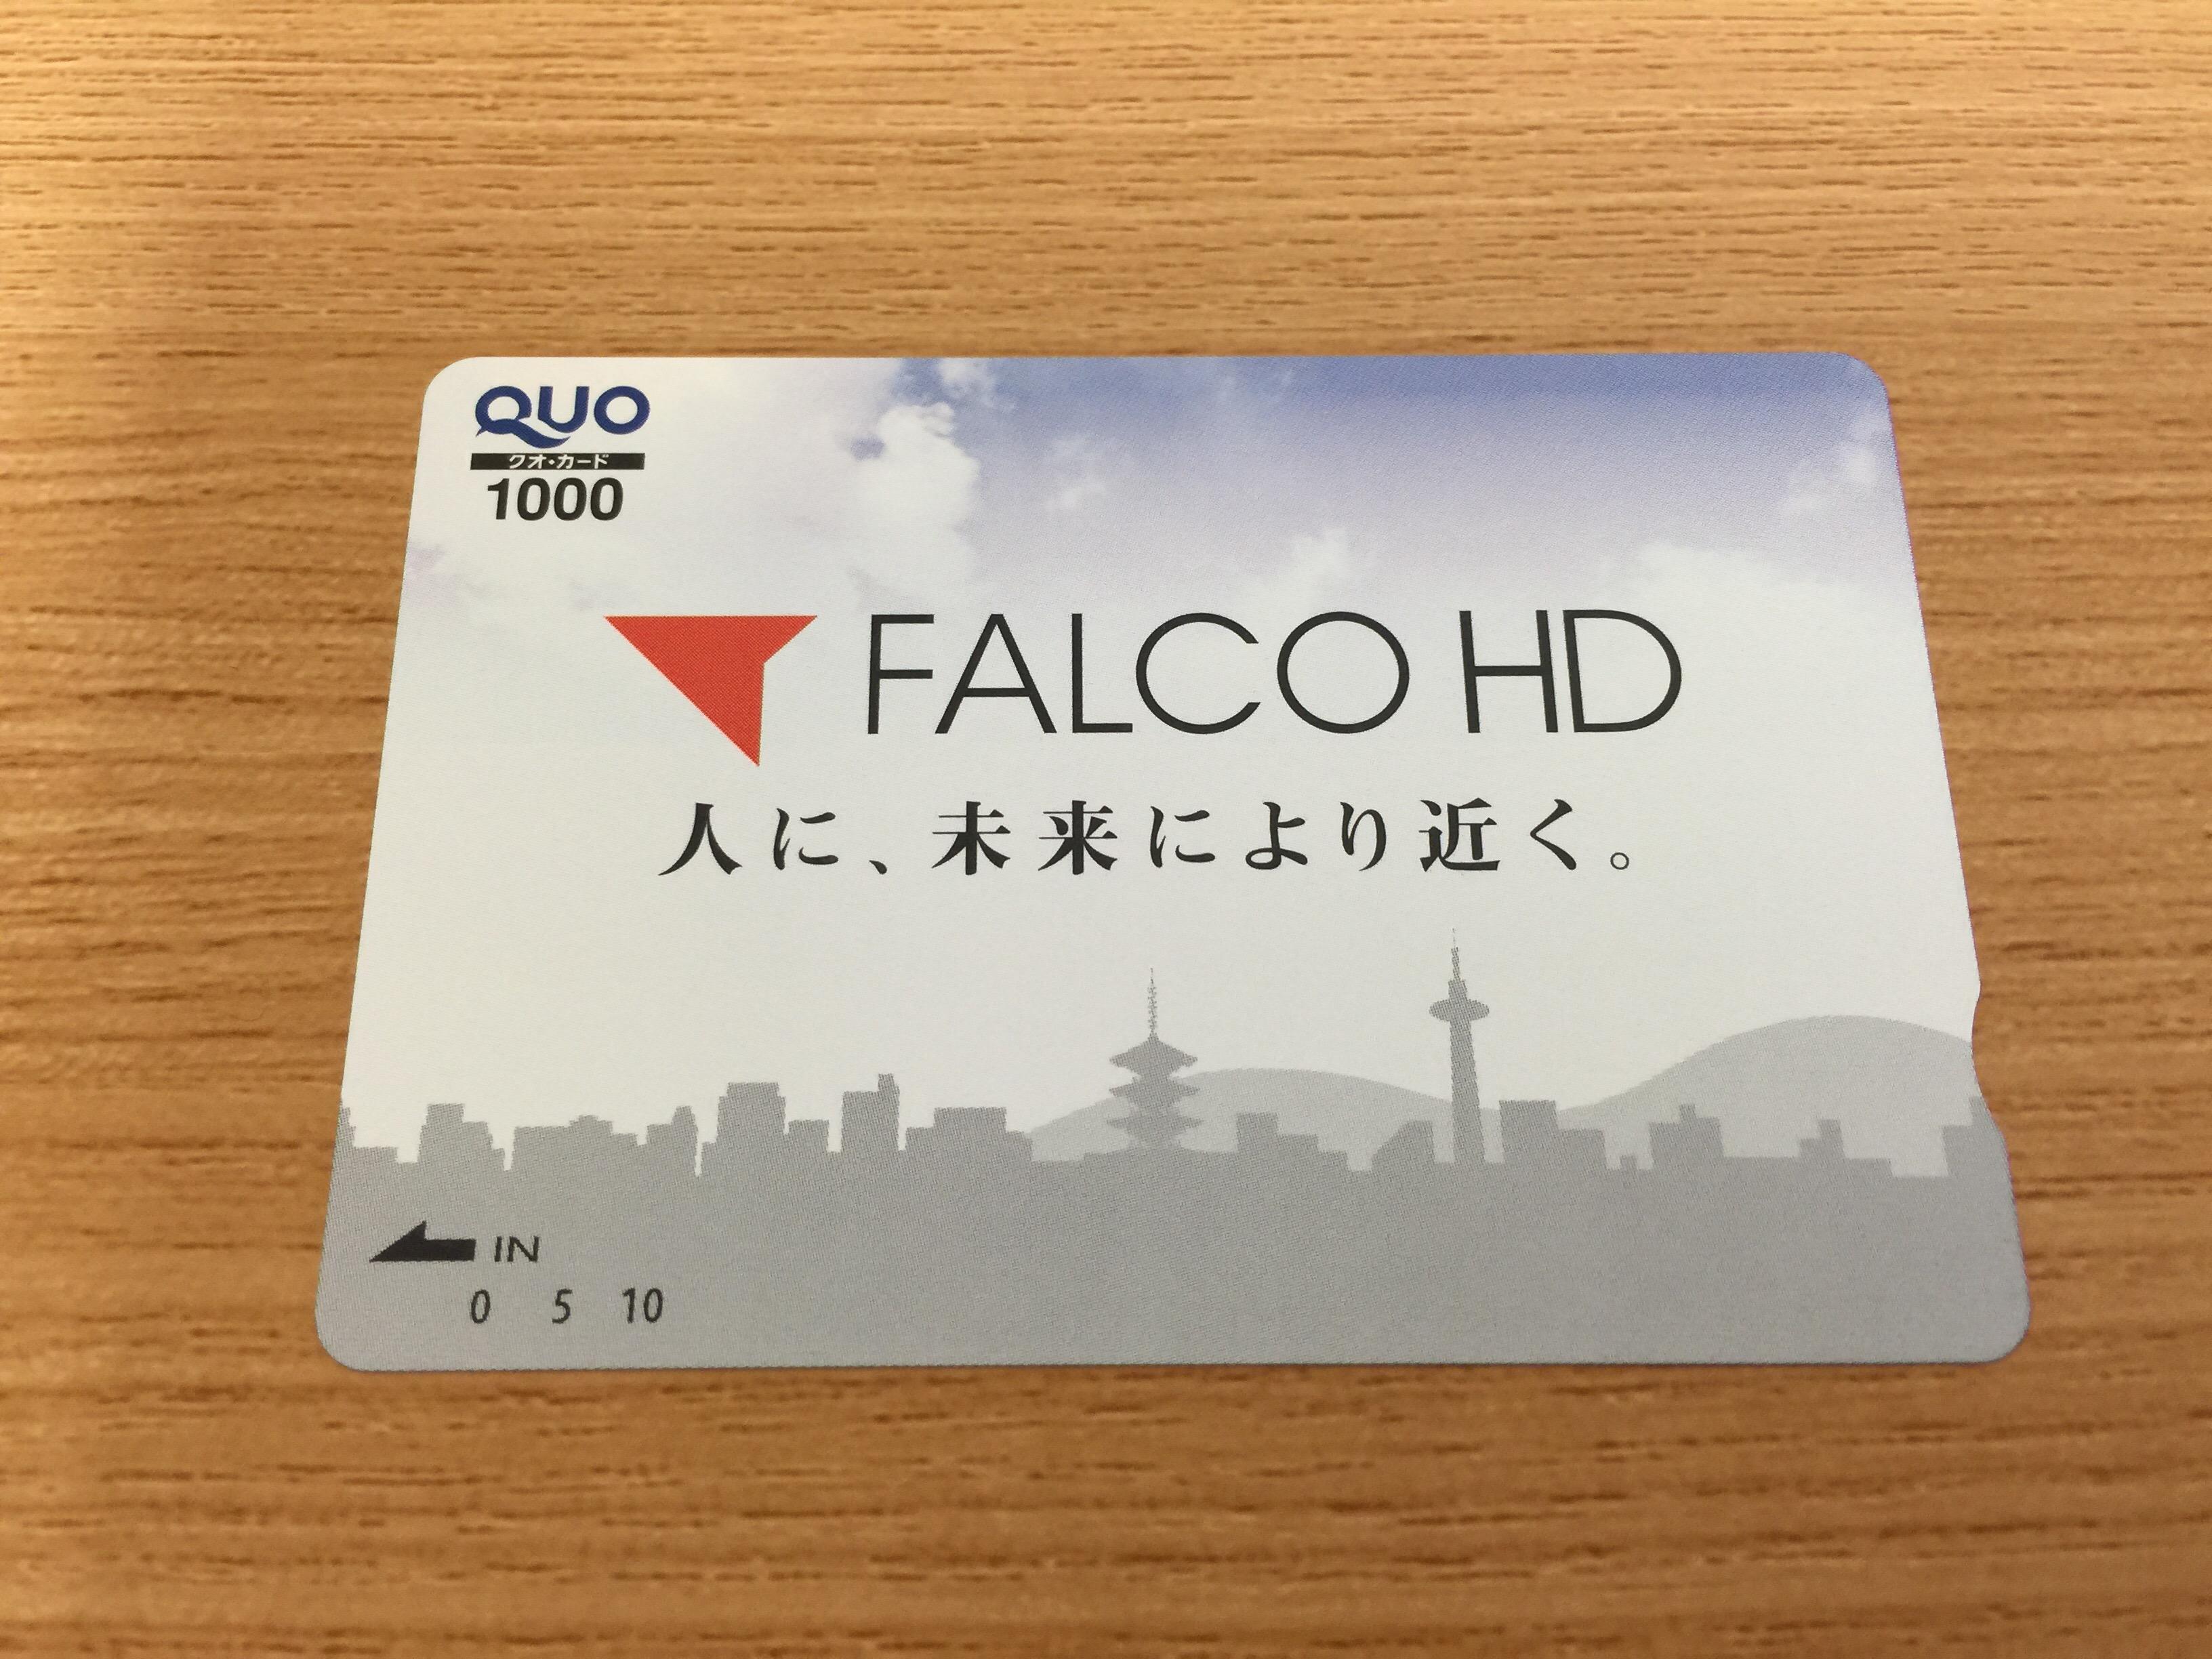 3,9月優待銘柄 ファルコホールディングスからの株主優待 1,000円分のクオカード